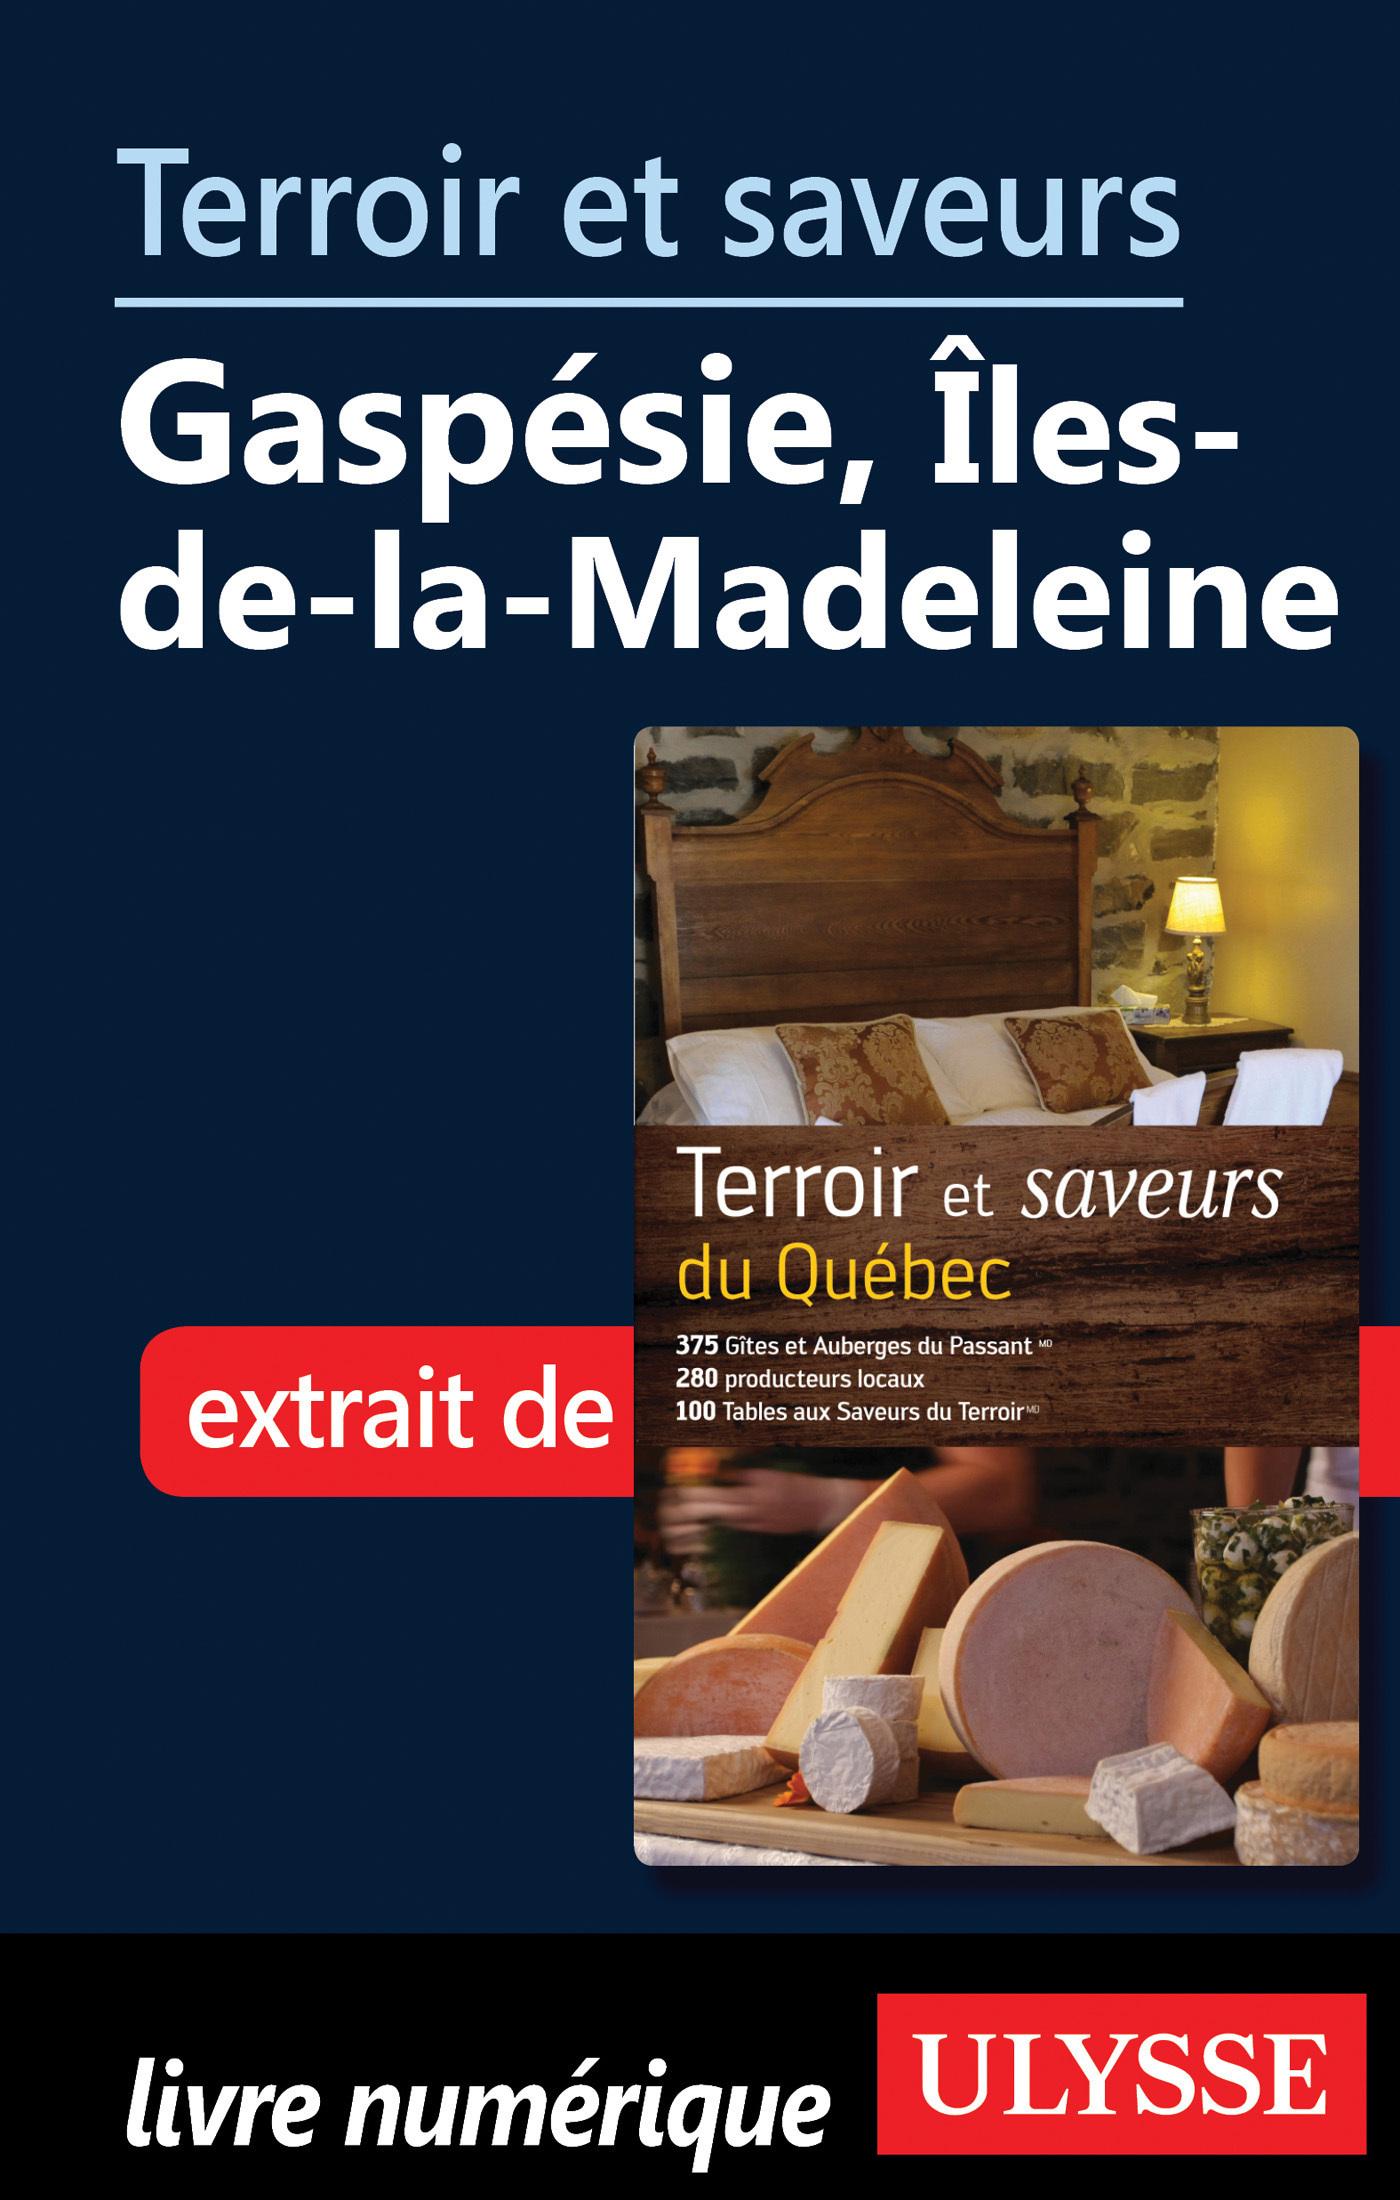 Terroir et saveurs - Gaspésie, Iles-de-la-Madeleine